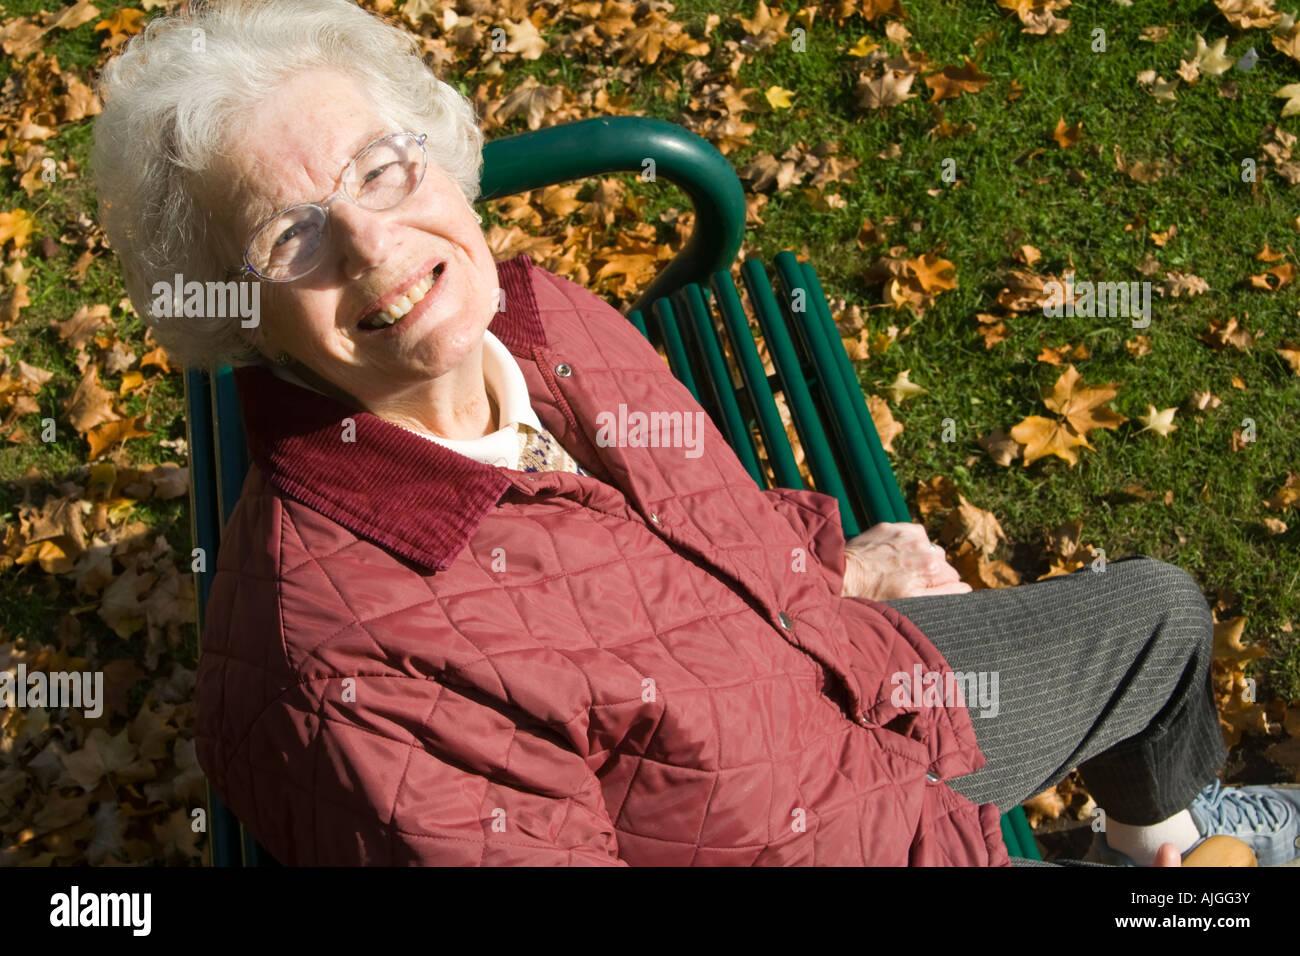 Anziana signora seduta su un sedile e guardare-up Immagini Stock